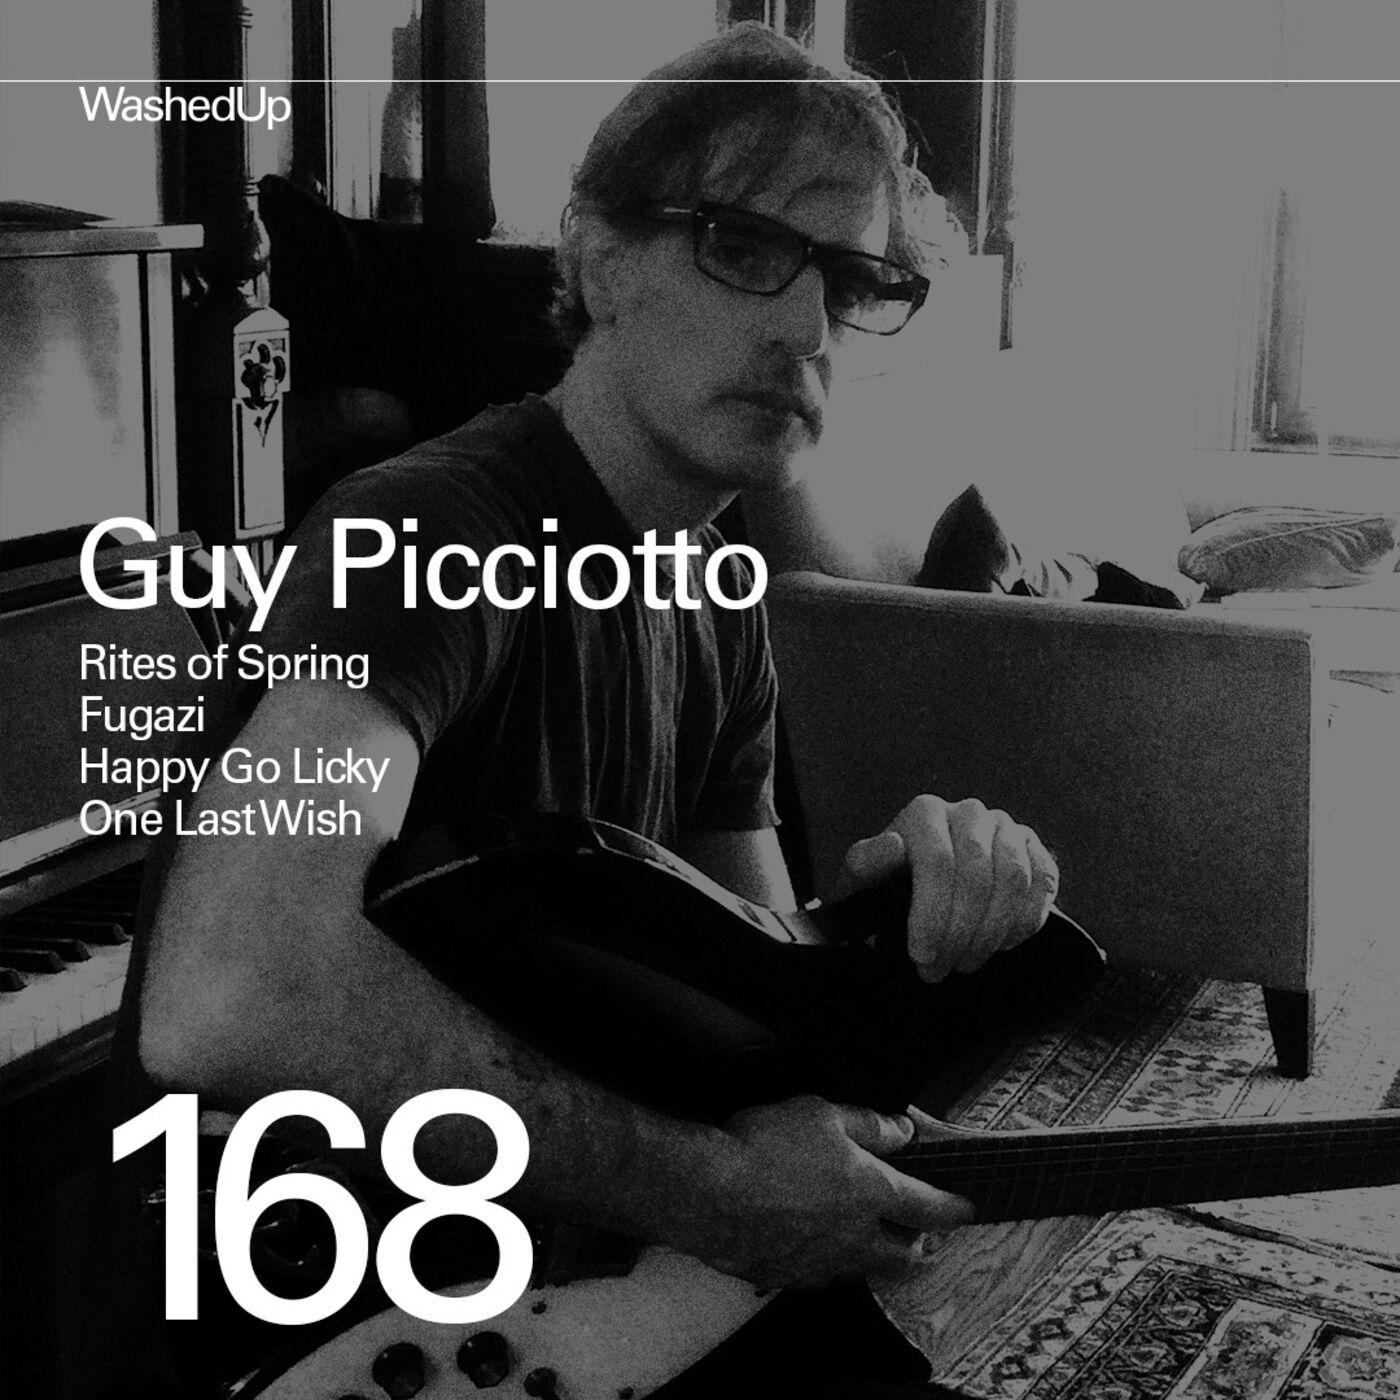 #168 - Guy Picciotto (Rites of Spring, Fugazi)